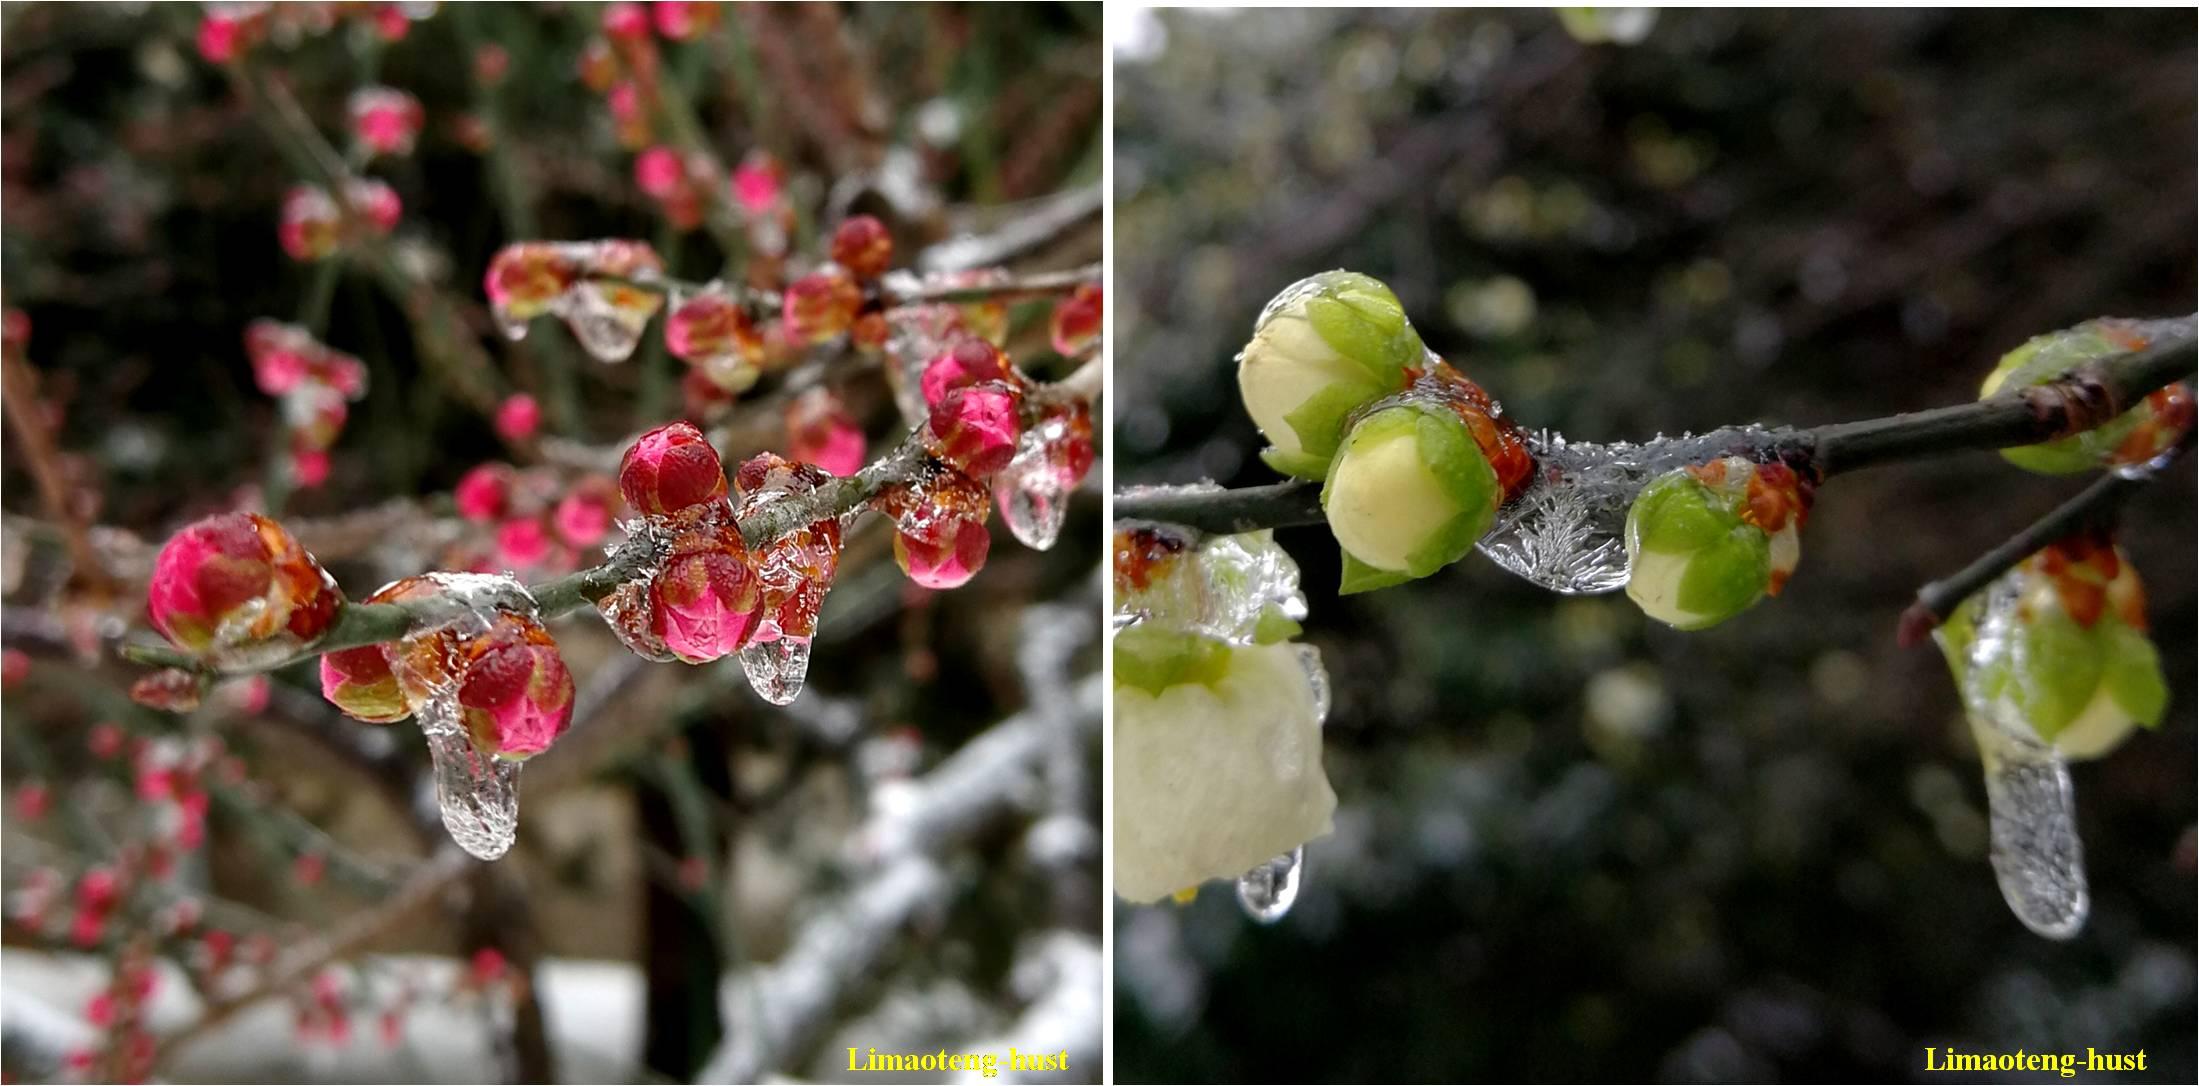 科学网寒冬里的金盏花和大吴风草!隆冬季节那